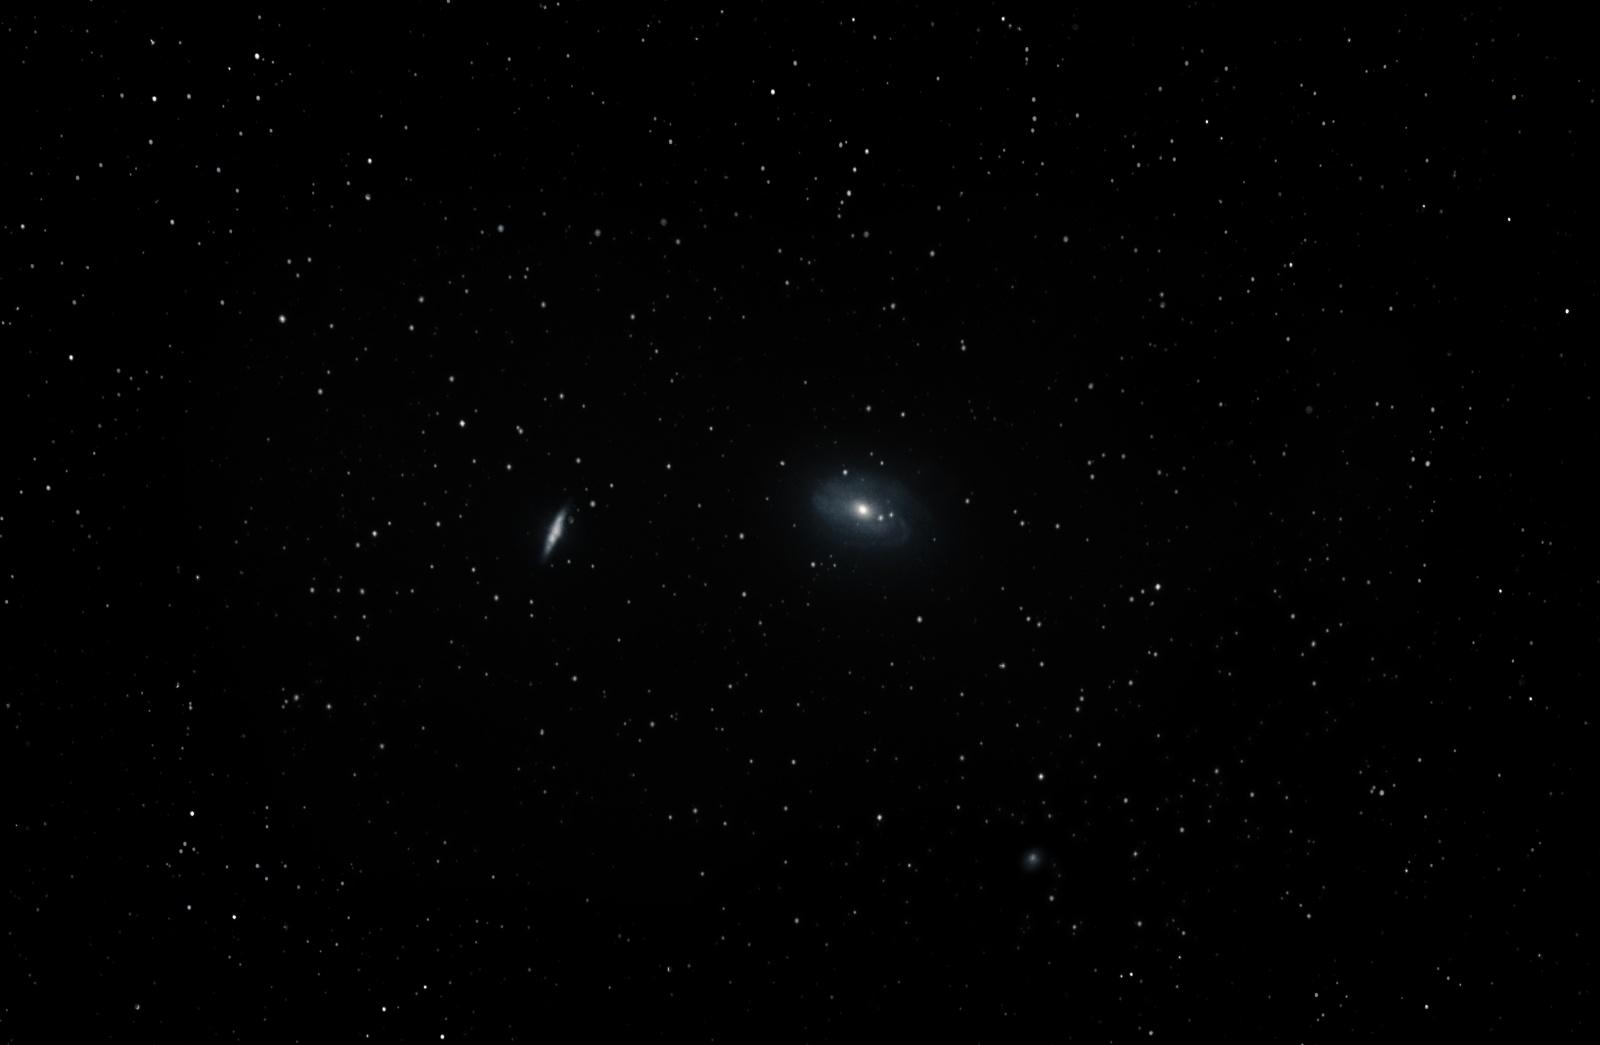 M81_JPG.jpg